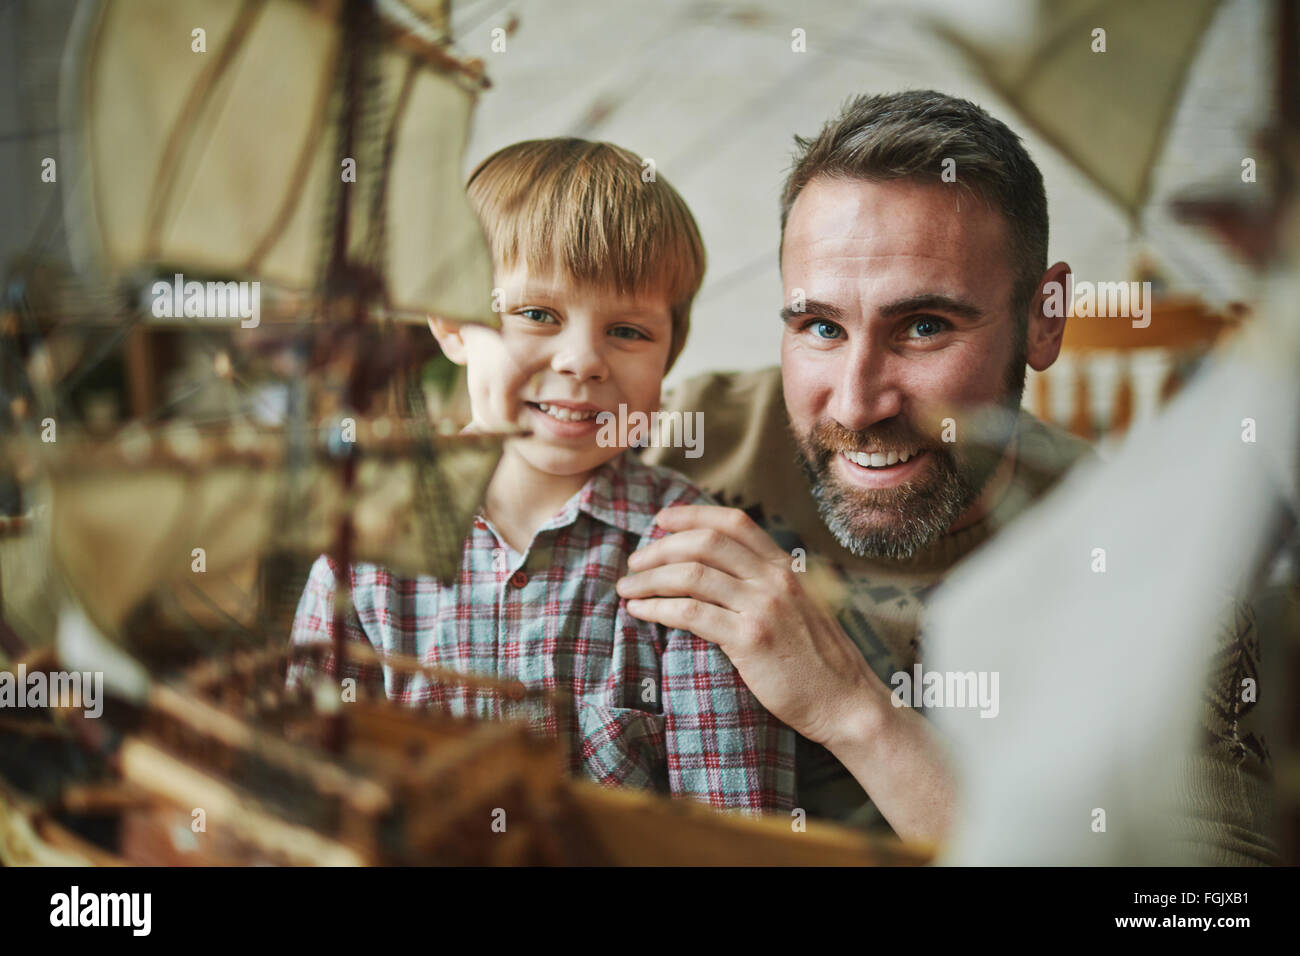 Kleiner Junge und sein Vater, der Blick in die Kamera mit einem Lächeln Stockbild